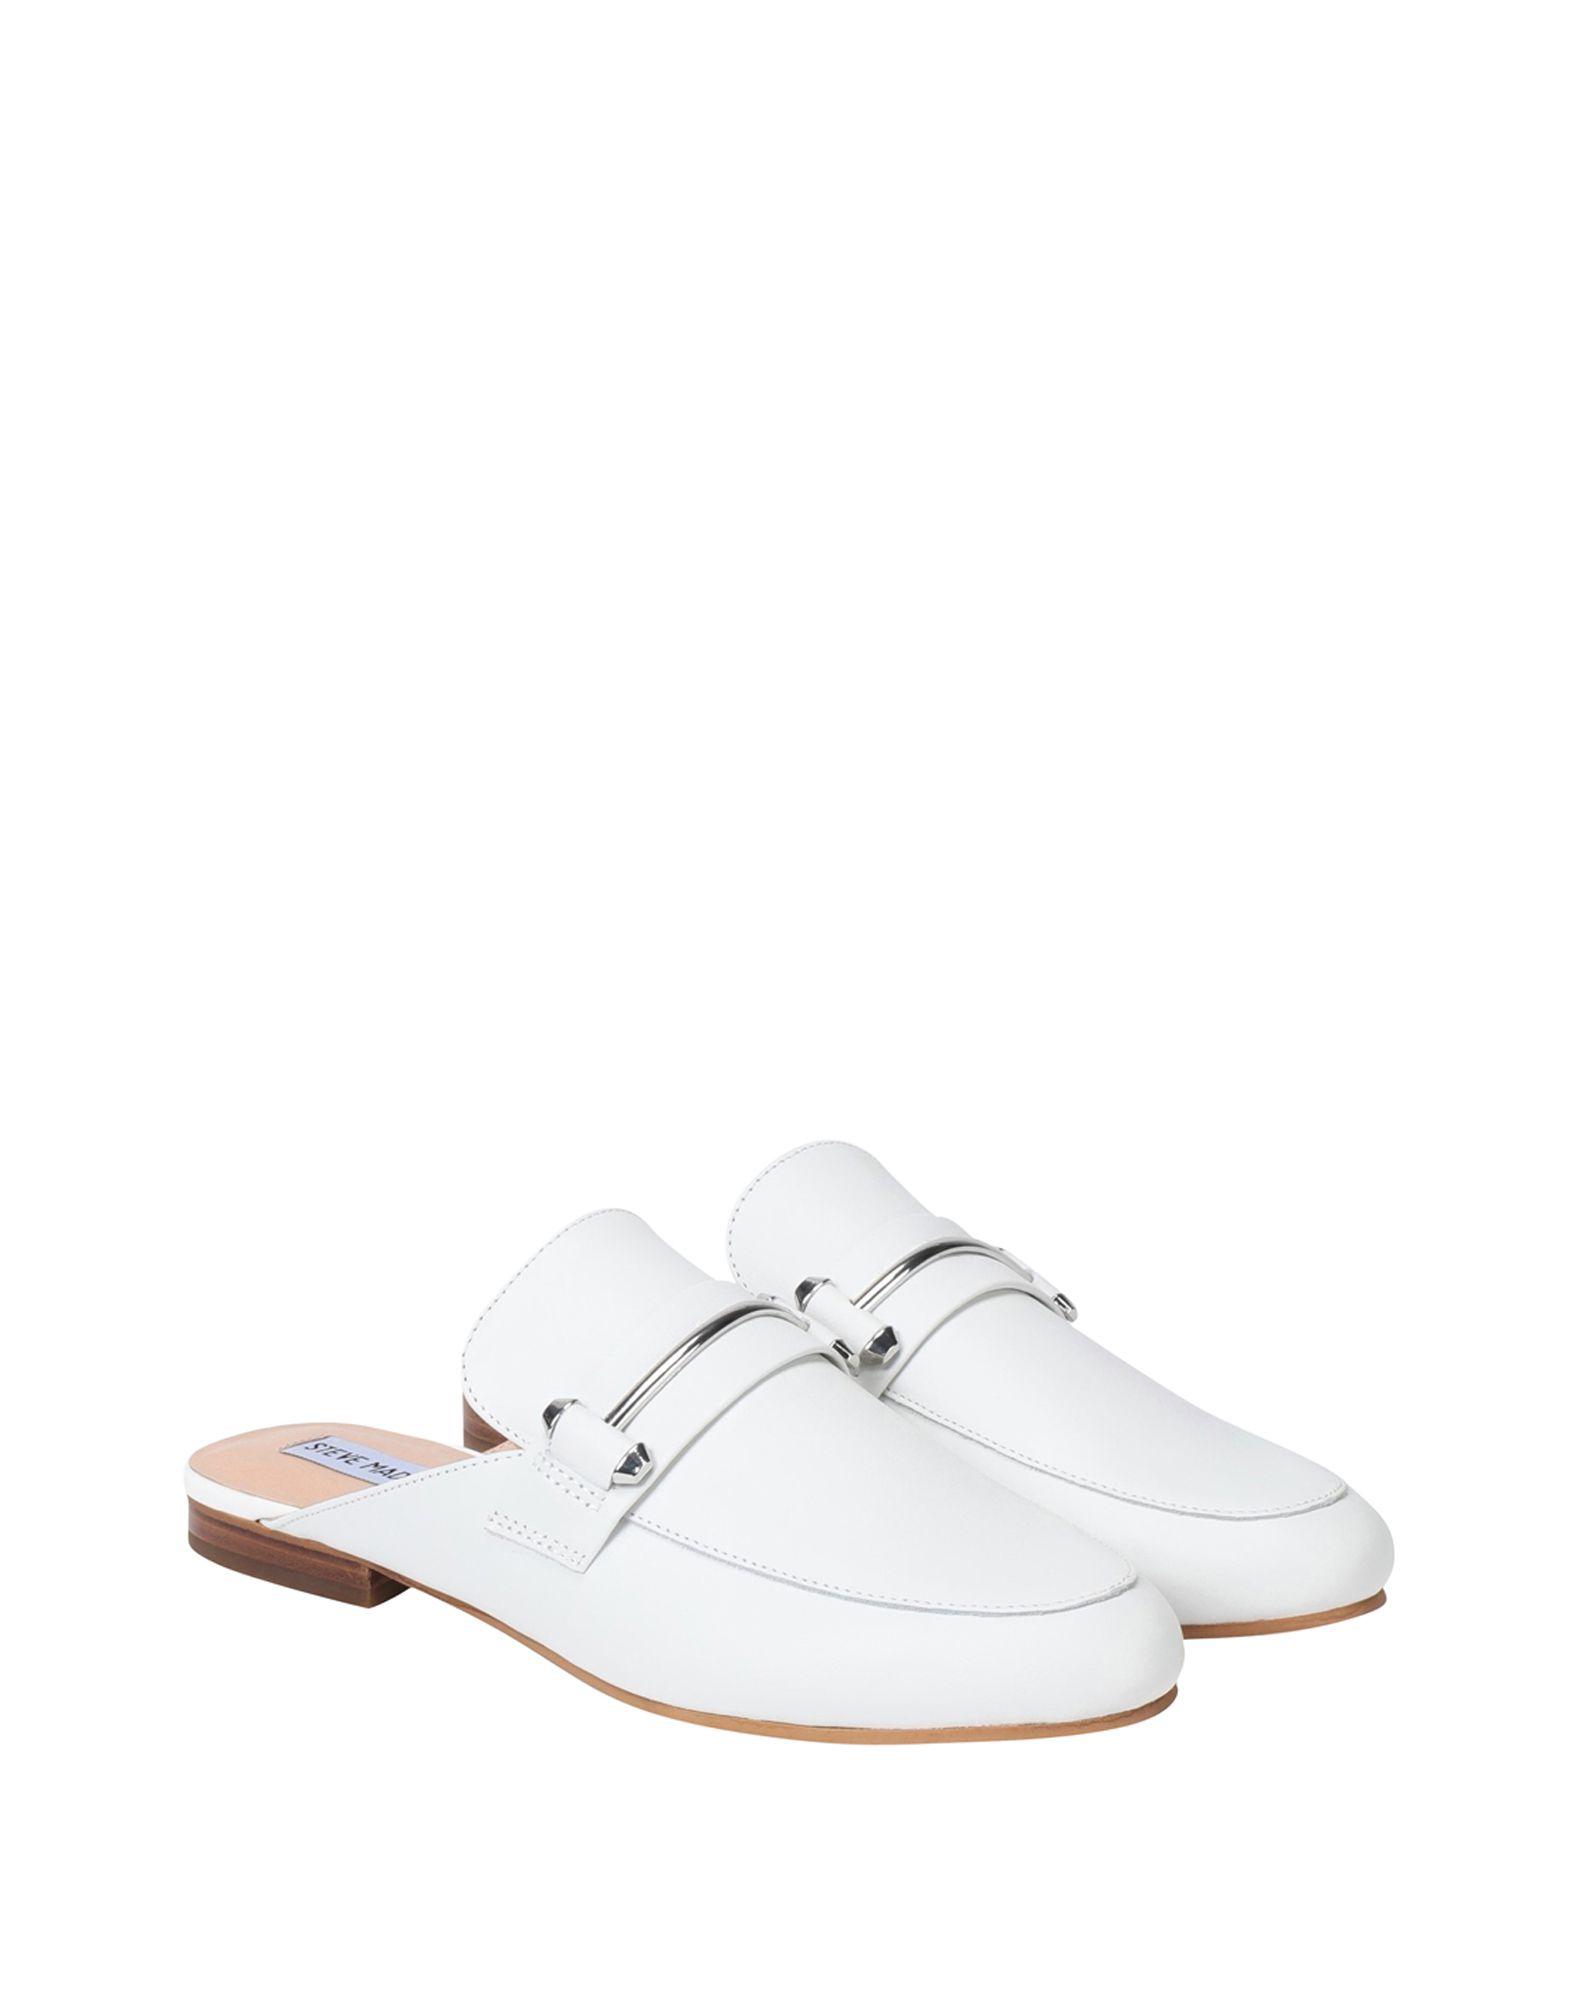 Steve Madden Kera  11547497AC Gute Qualität beliebte Schuhe